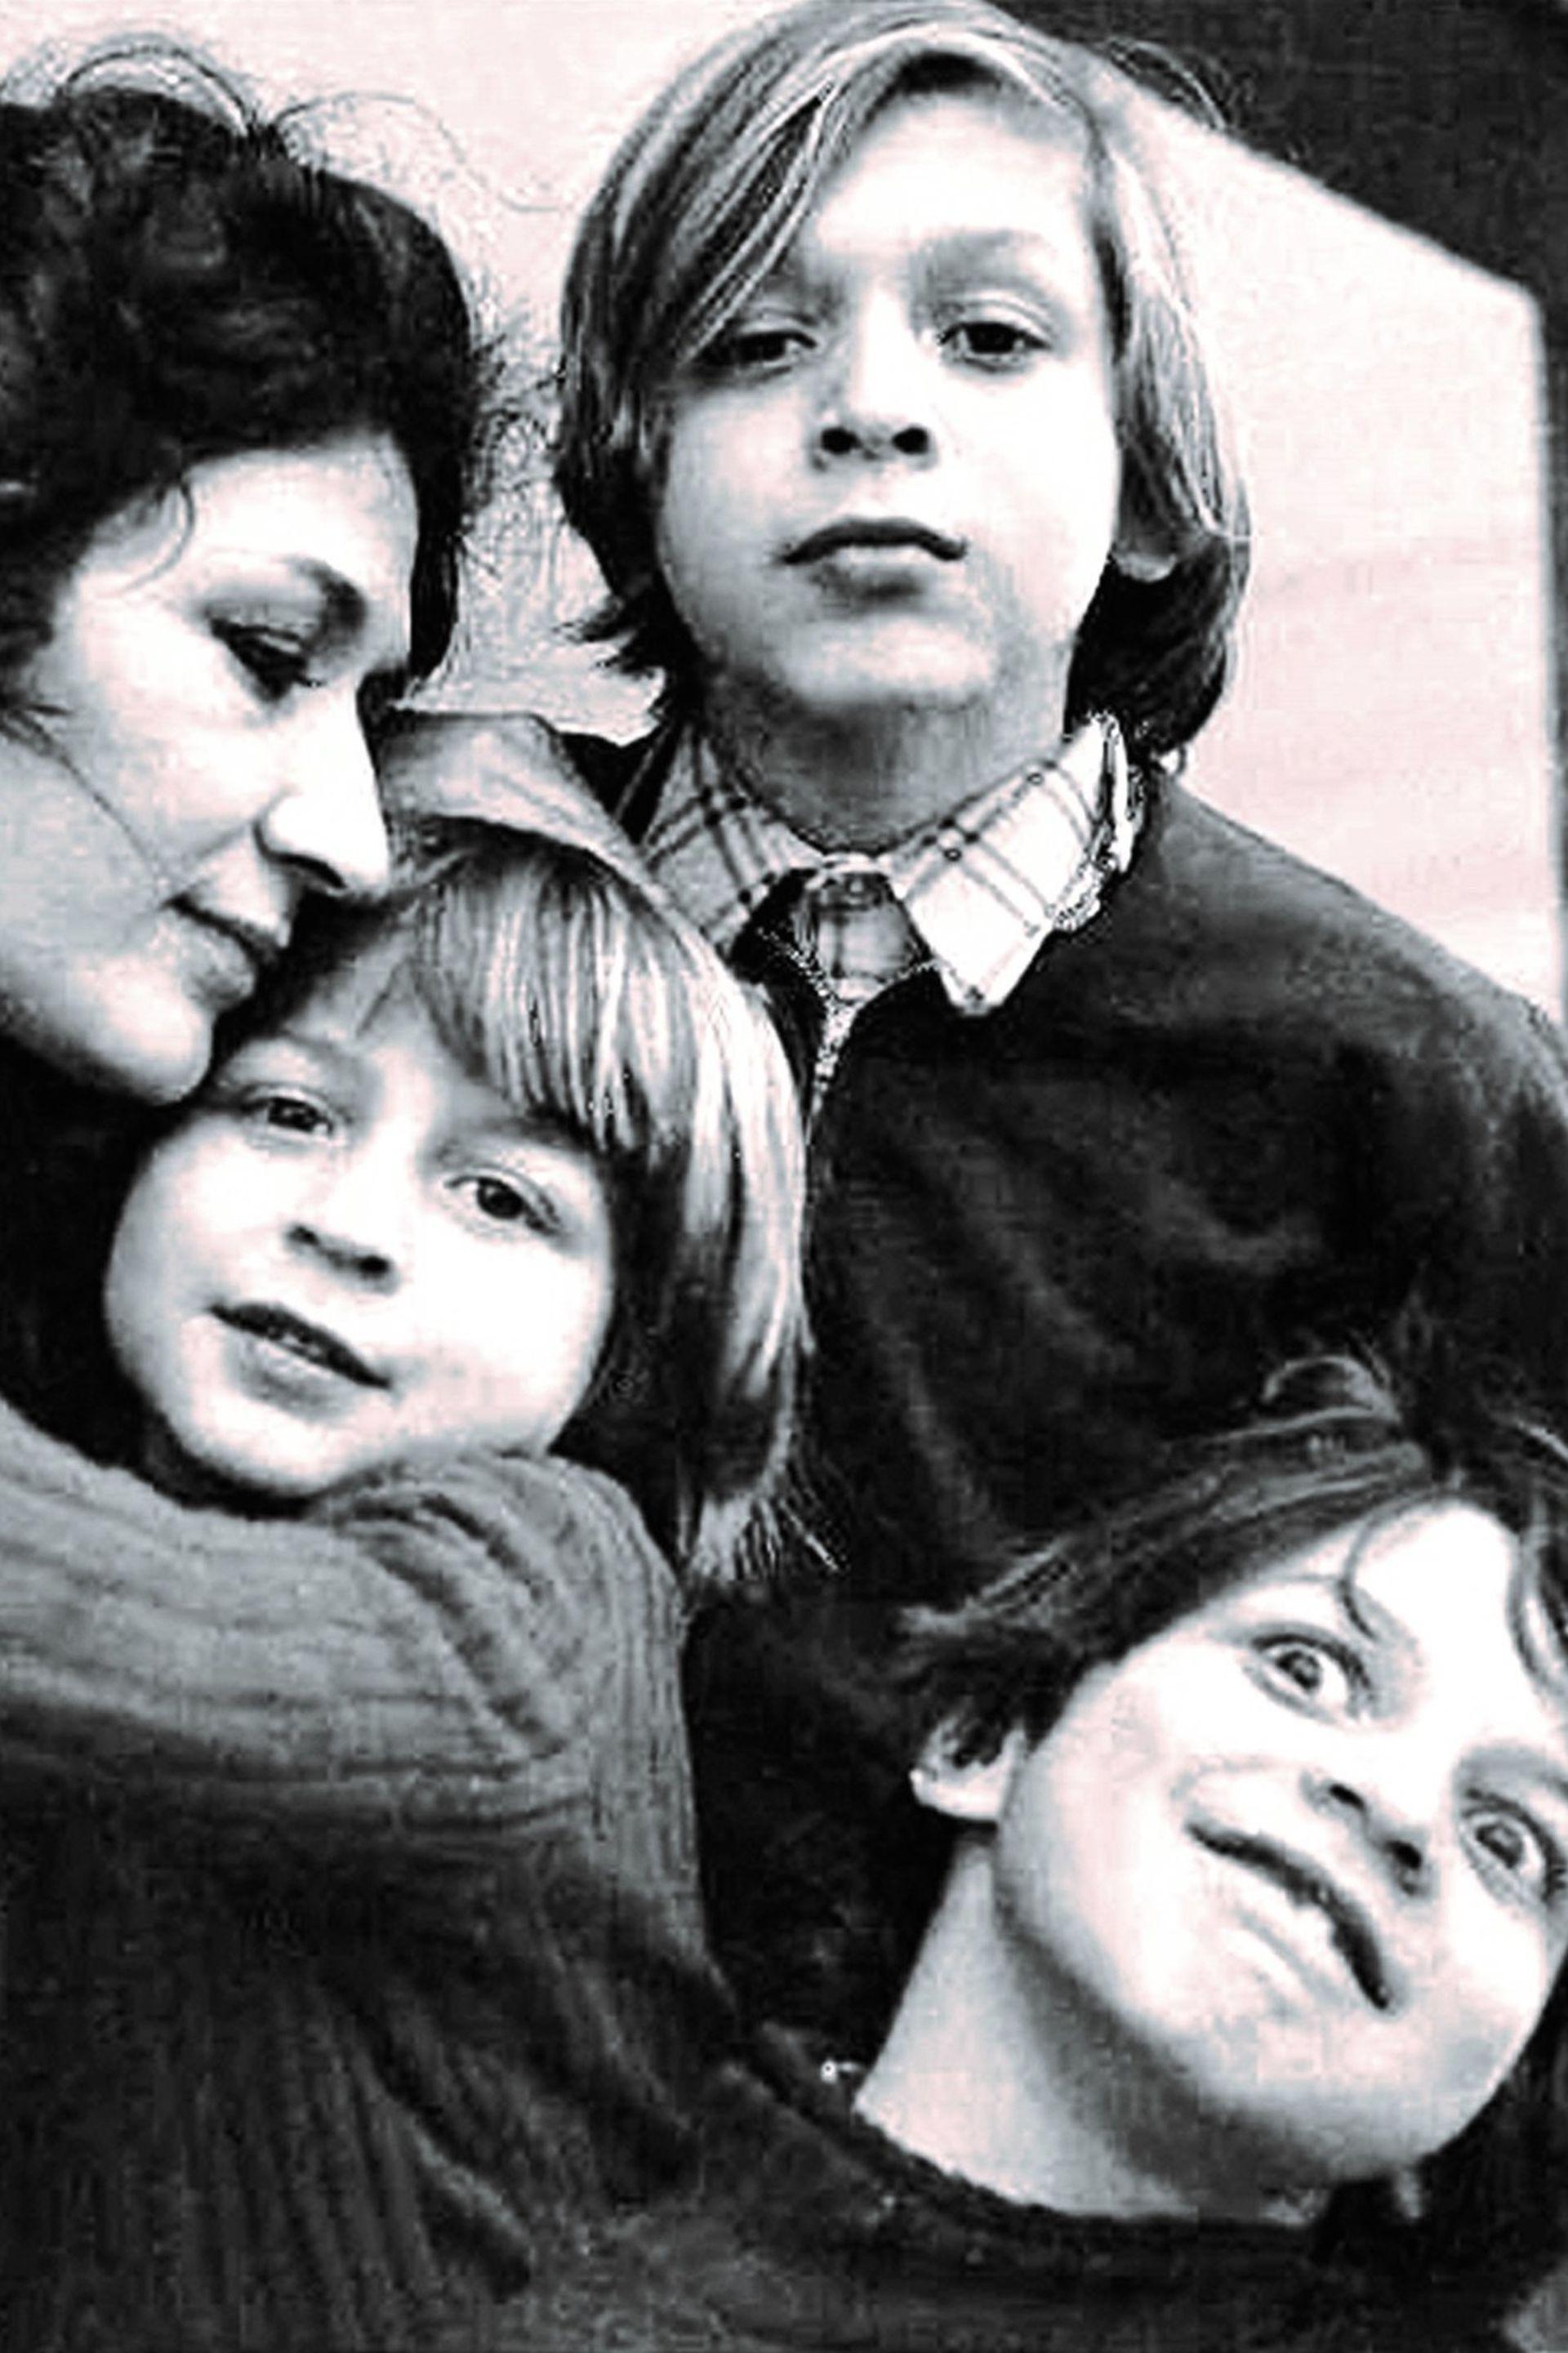 """En una escena """"mucho más exigente que Buenos Aires"""", mientras formaba una familia con Martha Le Parc, el joven mendocino creó también con sus amigos porteños y colegas franceses el Grupo de Investigación de Arte Visual"""